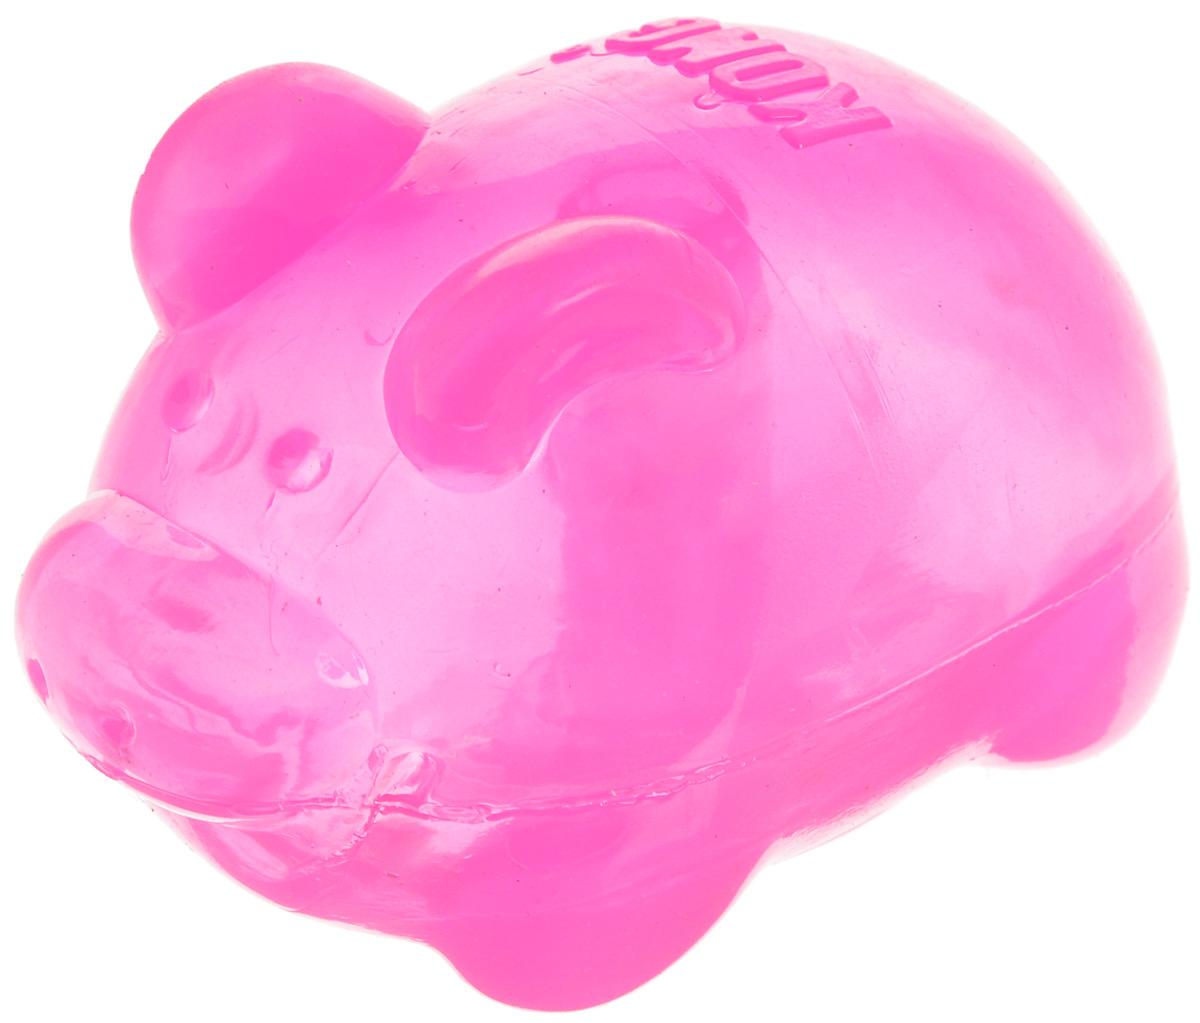 Игрушка для собак Kong . Свинья, средняя, с пищалкой, цвет: розовый, высота 7 см игрушка для собак kong регби с пищалкой цвет прозрачный фиолетовый 18 х 9 х 9 см